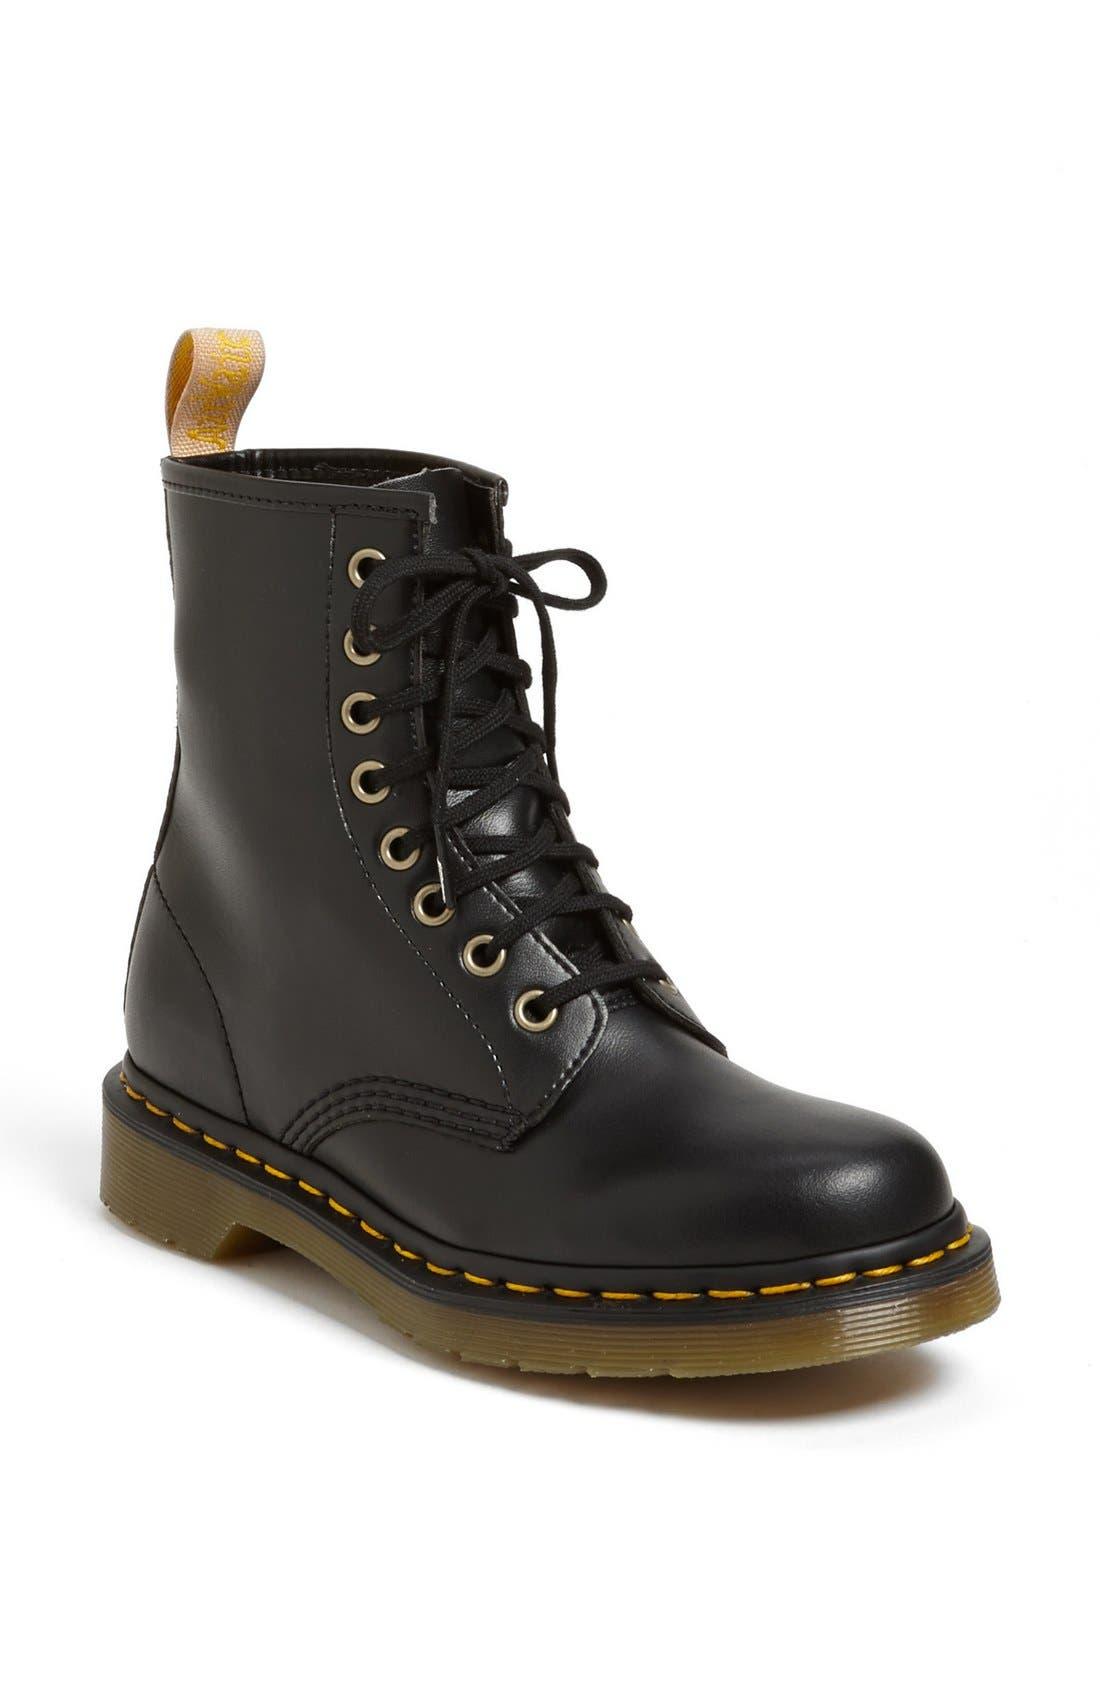 Main Image - Dr. Martens 'Vegan 1460' Boot